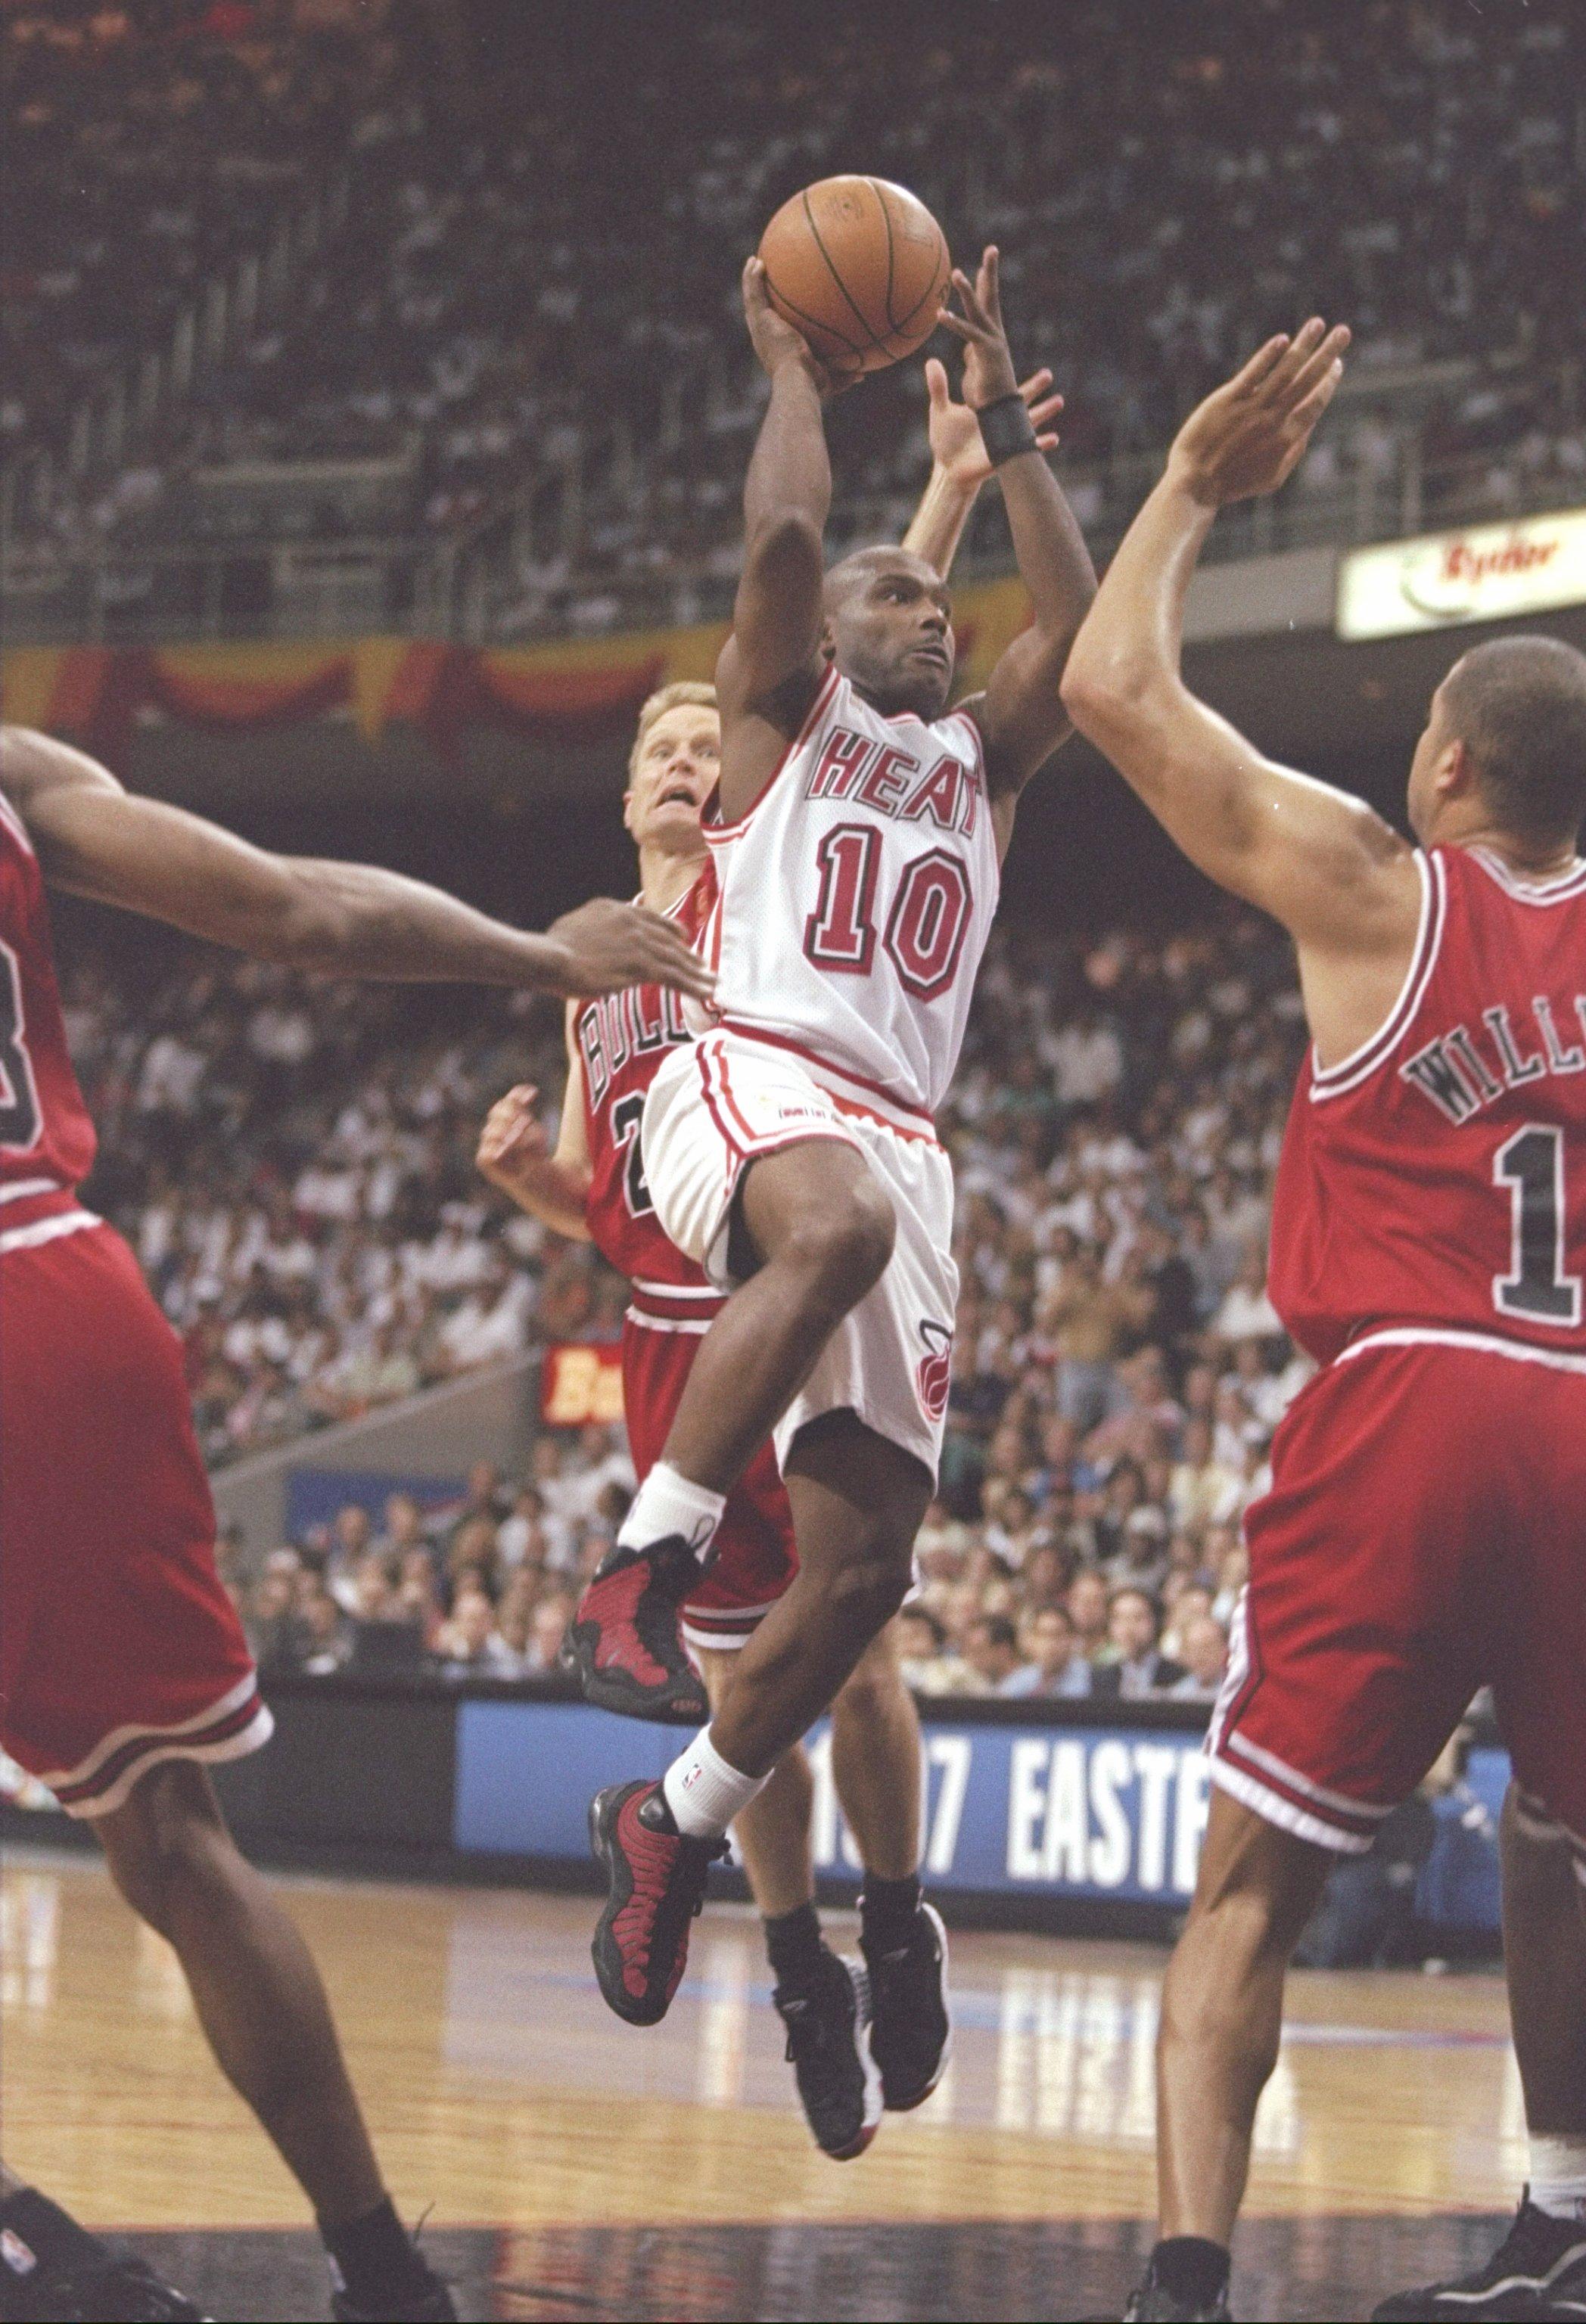 b4364aaa83f 26 May 1997  Guard Tim Hardaway of the Miami Heat drives past guard Steve  Kerr